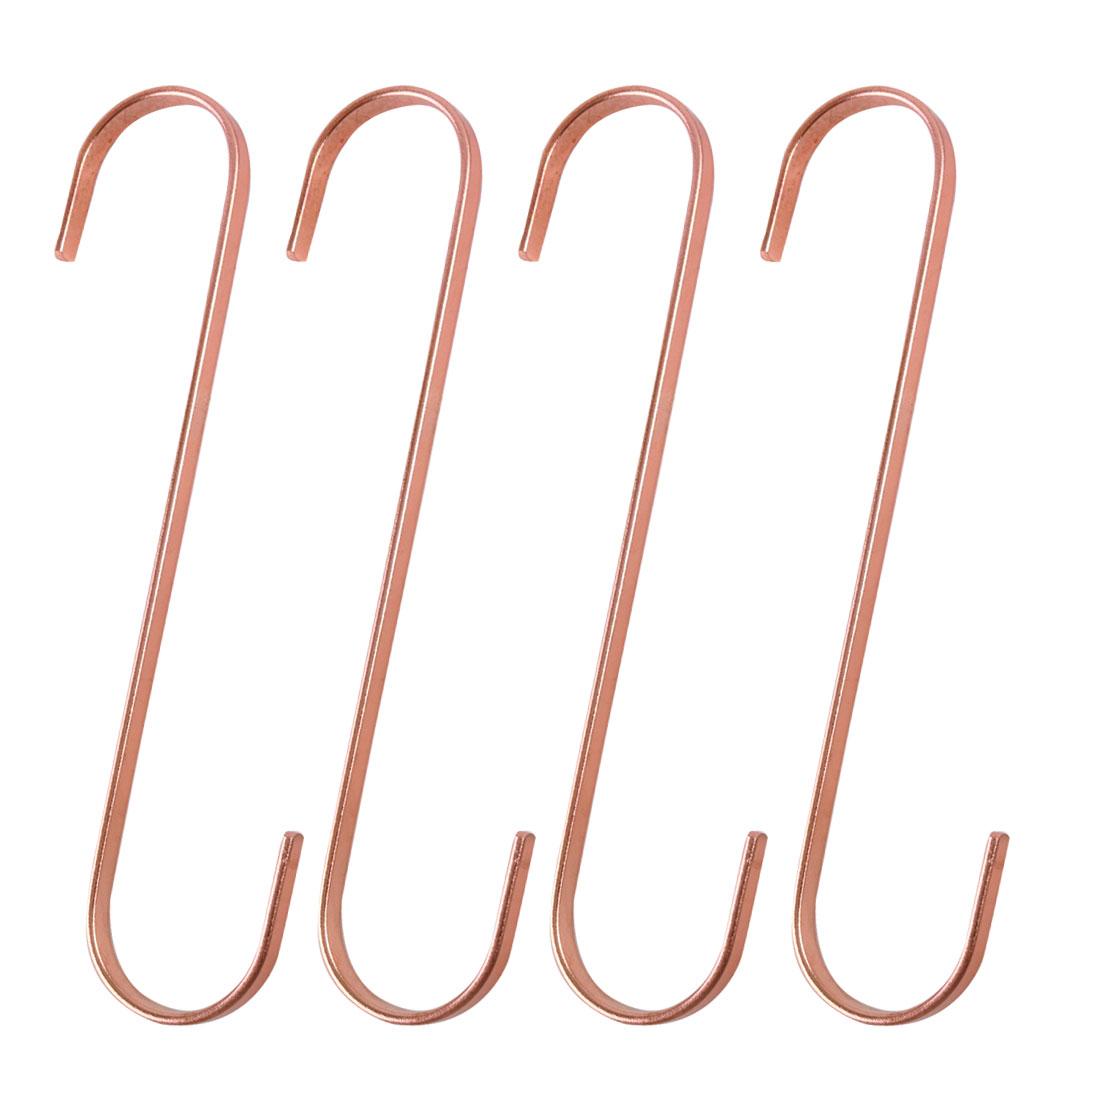 4pcs S Shape Hook Rack Stainless Steel for Pot Utensils Coat Holder Rose Gold